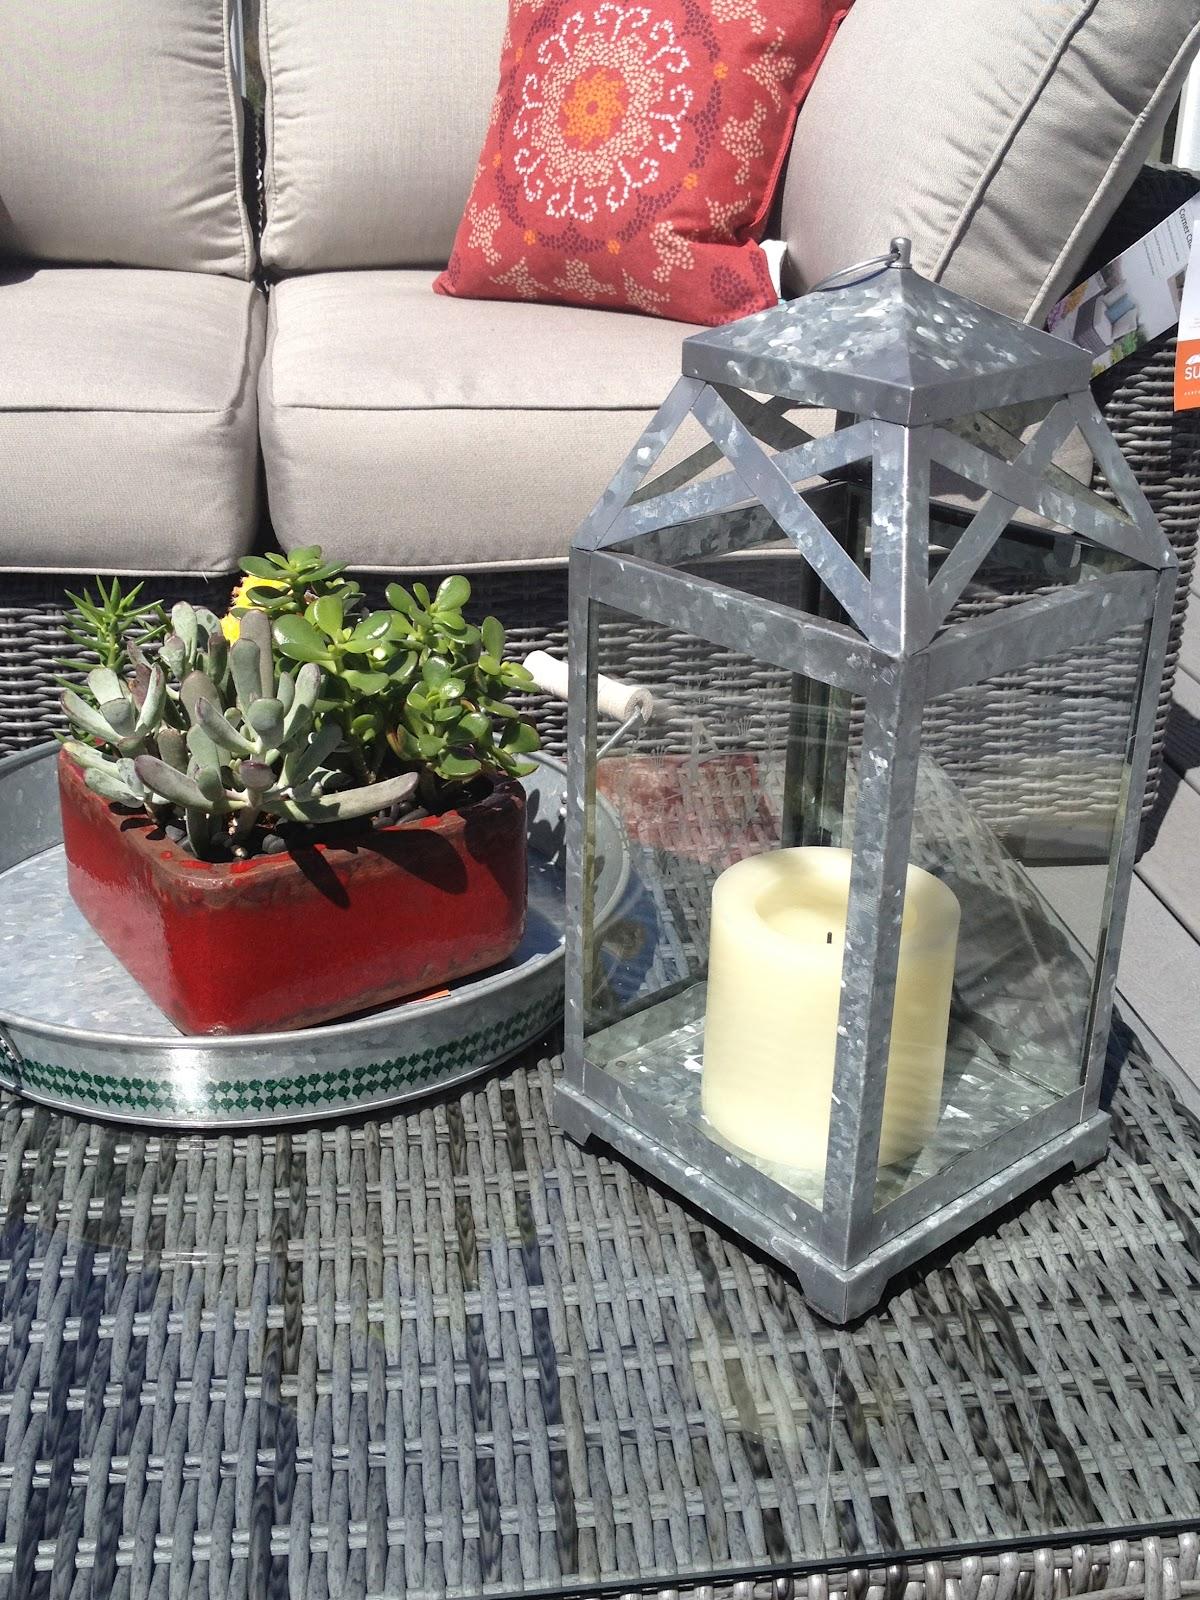 vignette design new outdoor living room reveal. Black Bedroom Furniture Sets. Home Design Ideas